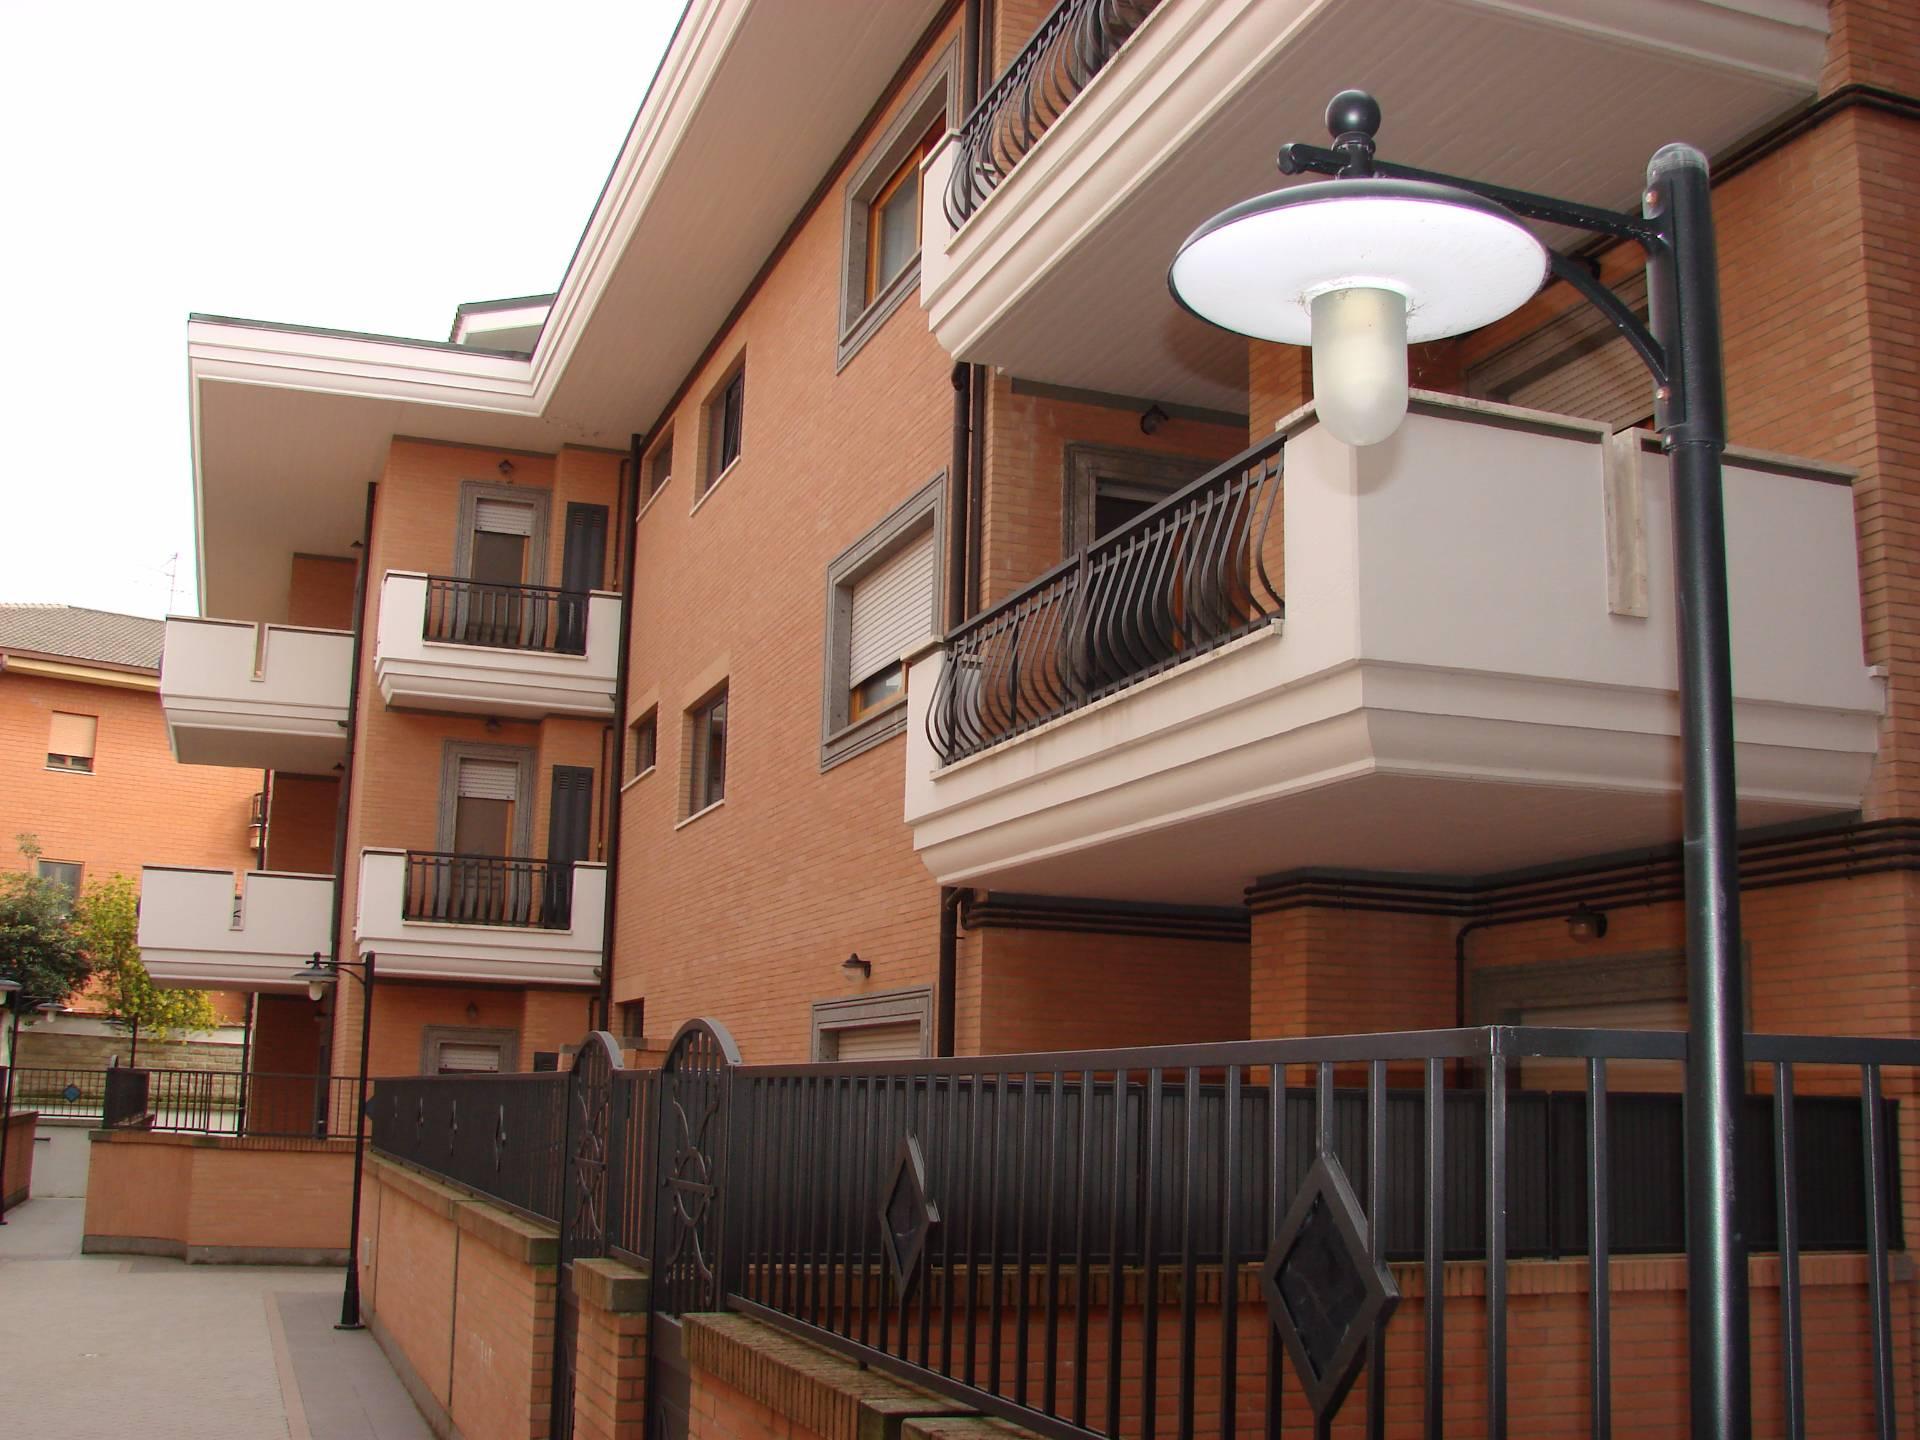 Attico / Mansarda in vendita a Marino, 5 locali, zona Località: S.aMariadelleMole, prezzo € 325.000 | Cambio Casa.it